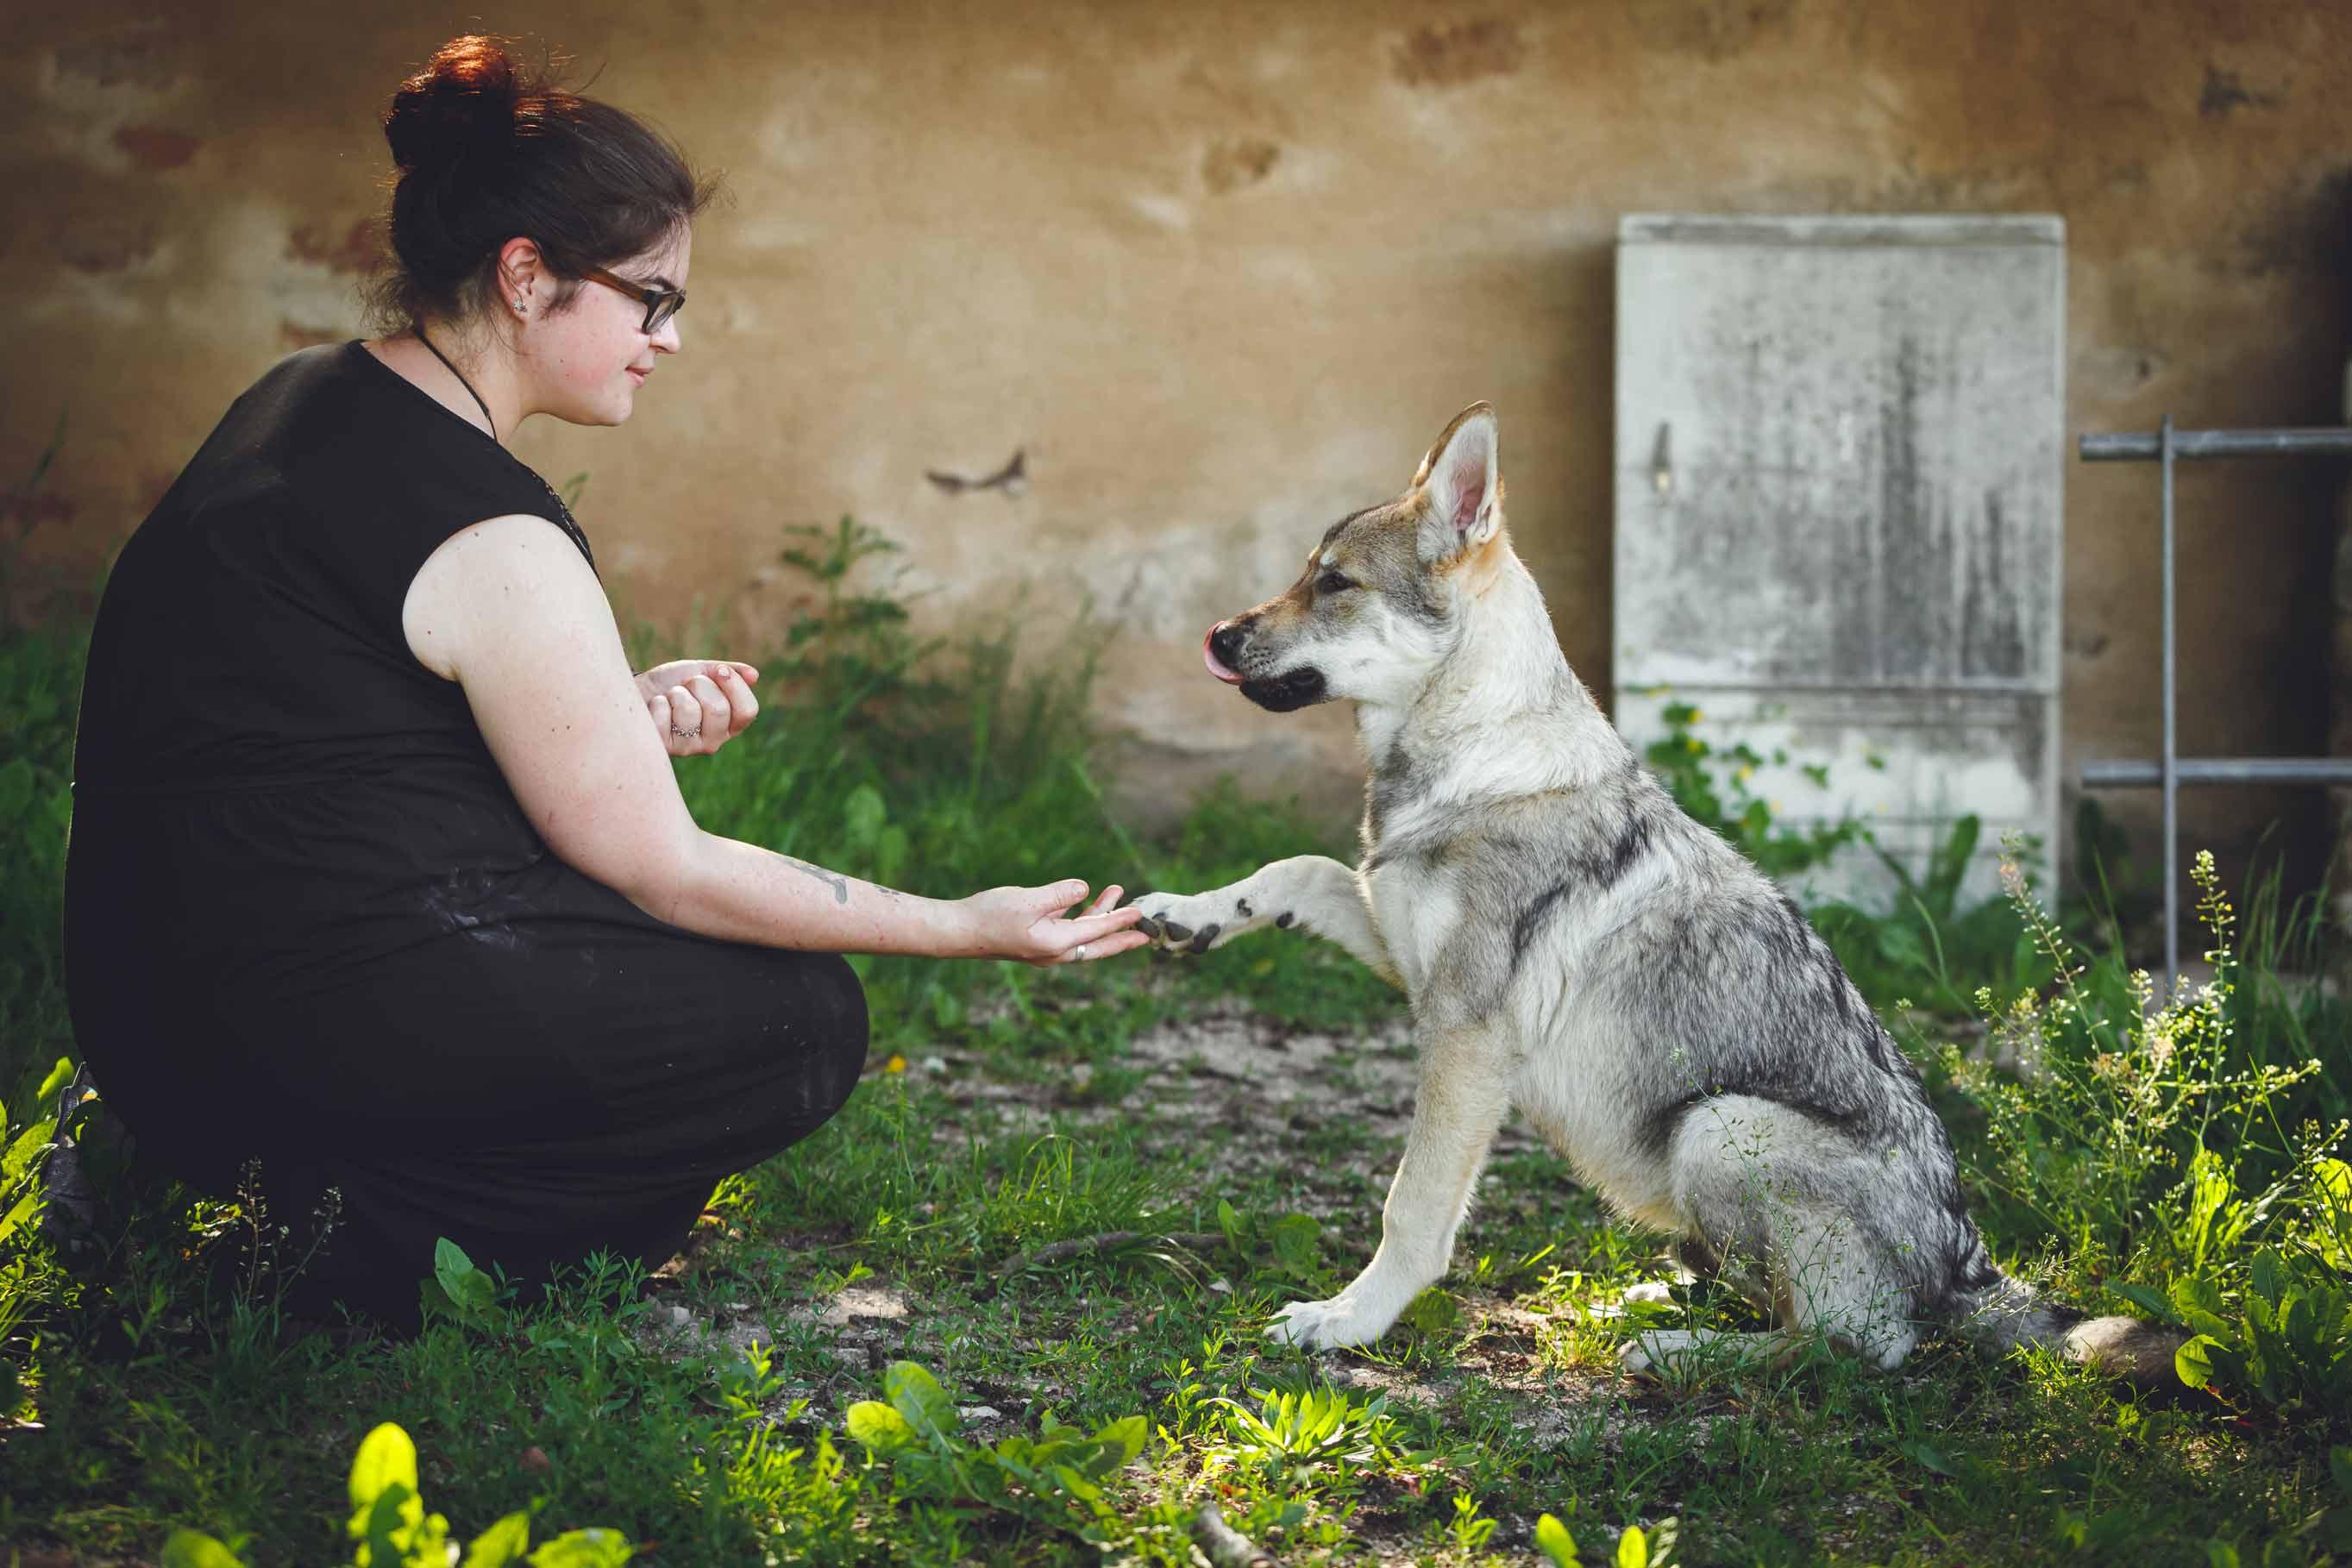 Hund, Katze, Pferd - Tierfotografie IMG 8491w